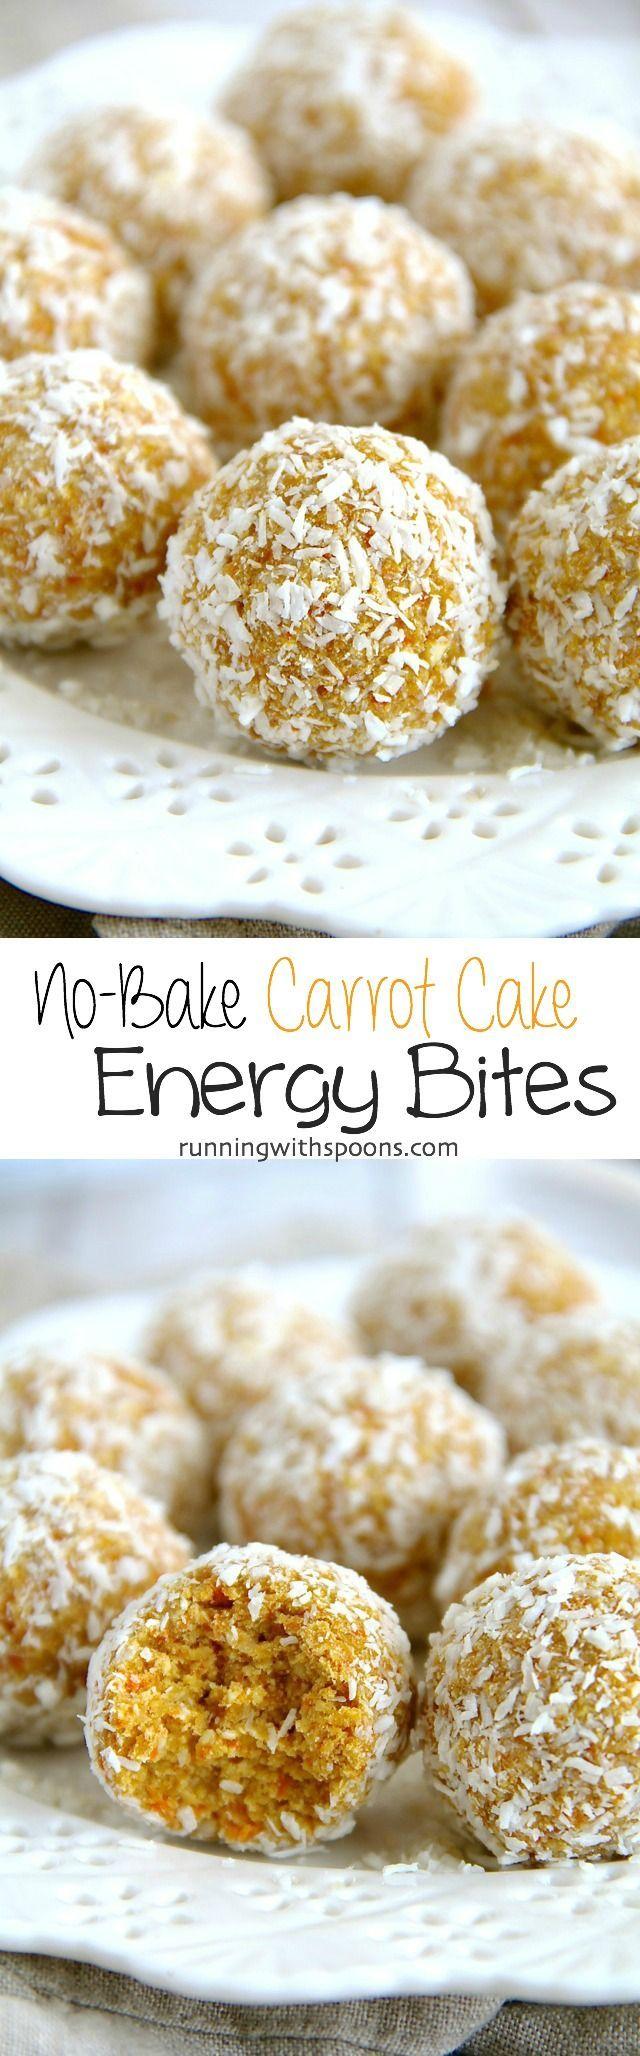 No-Bake Carrot Cake Energy Bites -- easy nut-free energy bites that are gluten-free, vegan, and taste just like little poppable bites of carrot cake!